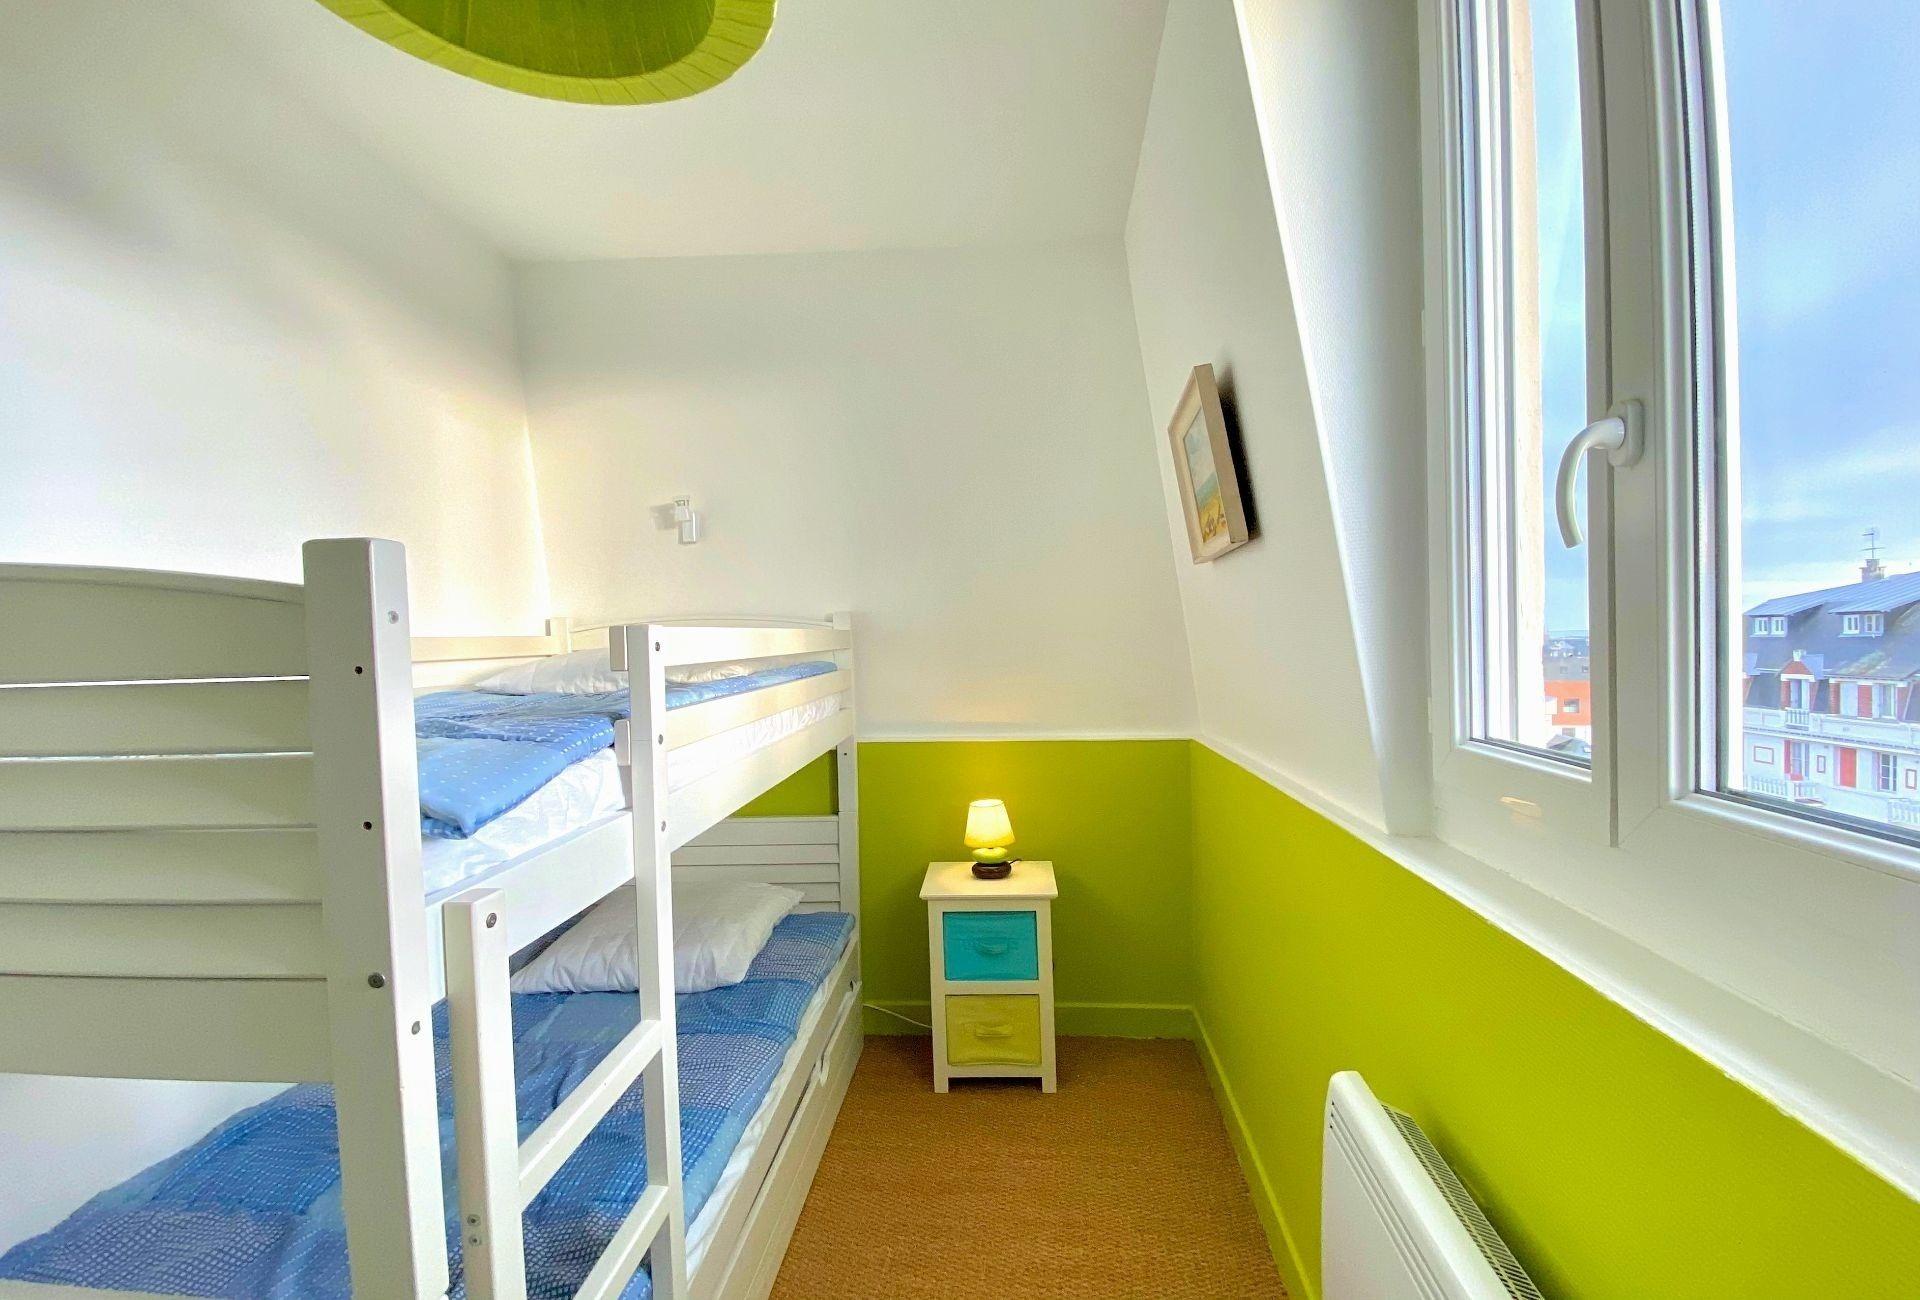 12-chambre-appartement-a-vendre-la-clef-des-villes-agence-immobiliere-villers-sur-mer